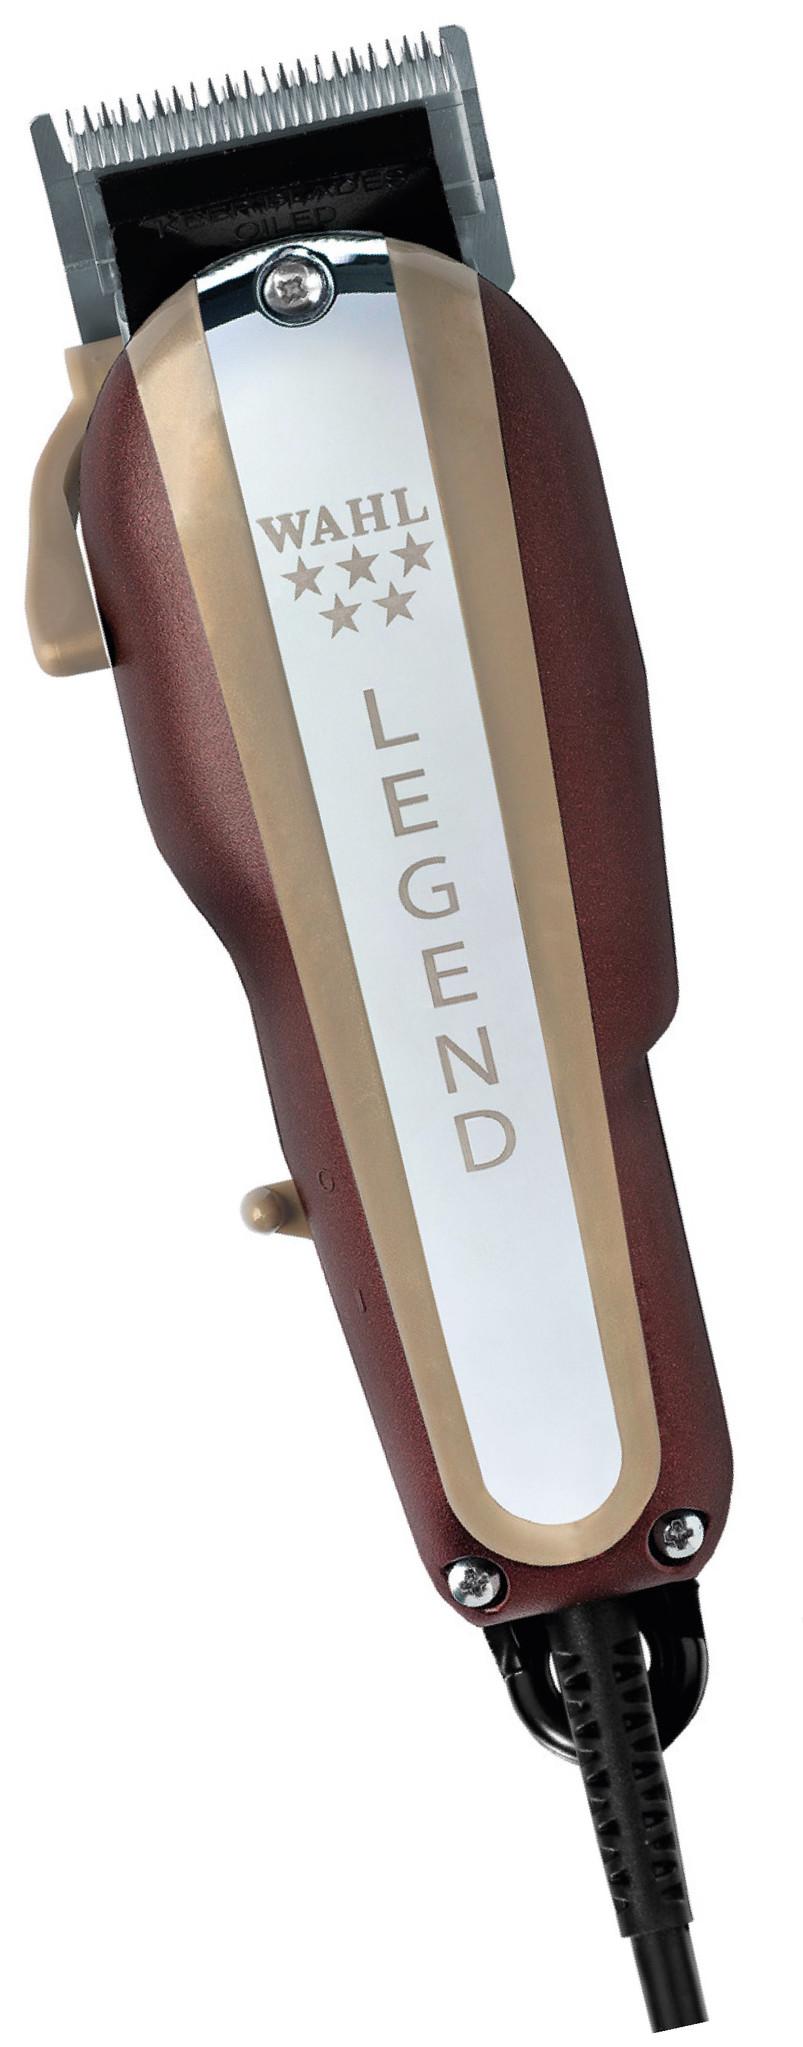 Wahl Legend 08147-416 - profesionální stříhací strojek + Gembird - stlačený vzduch, 400 ml